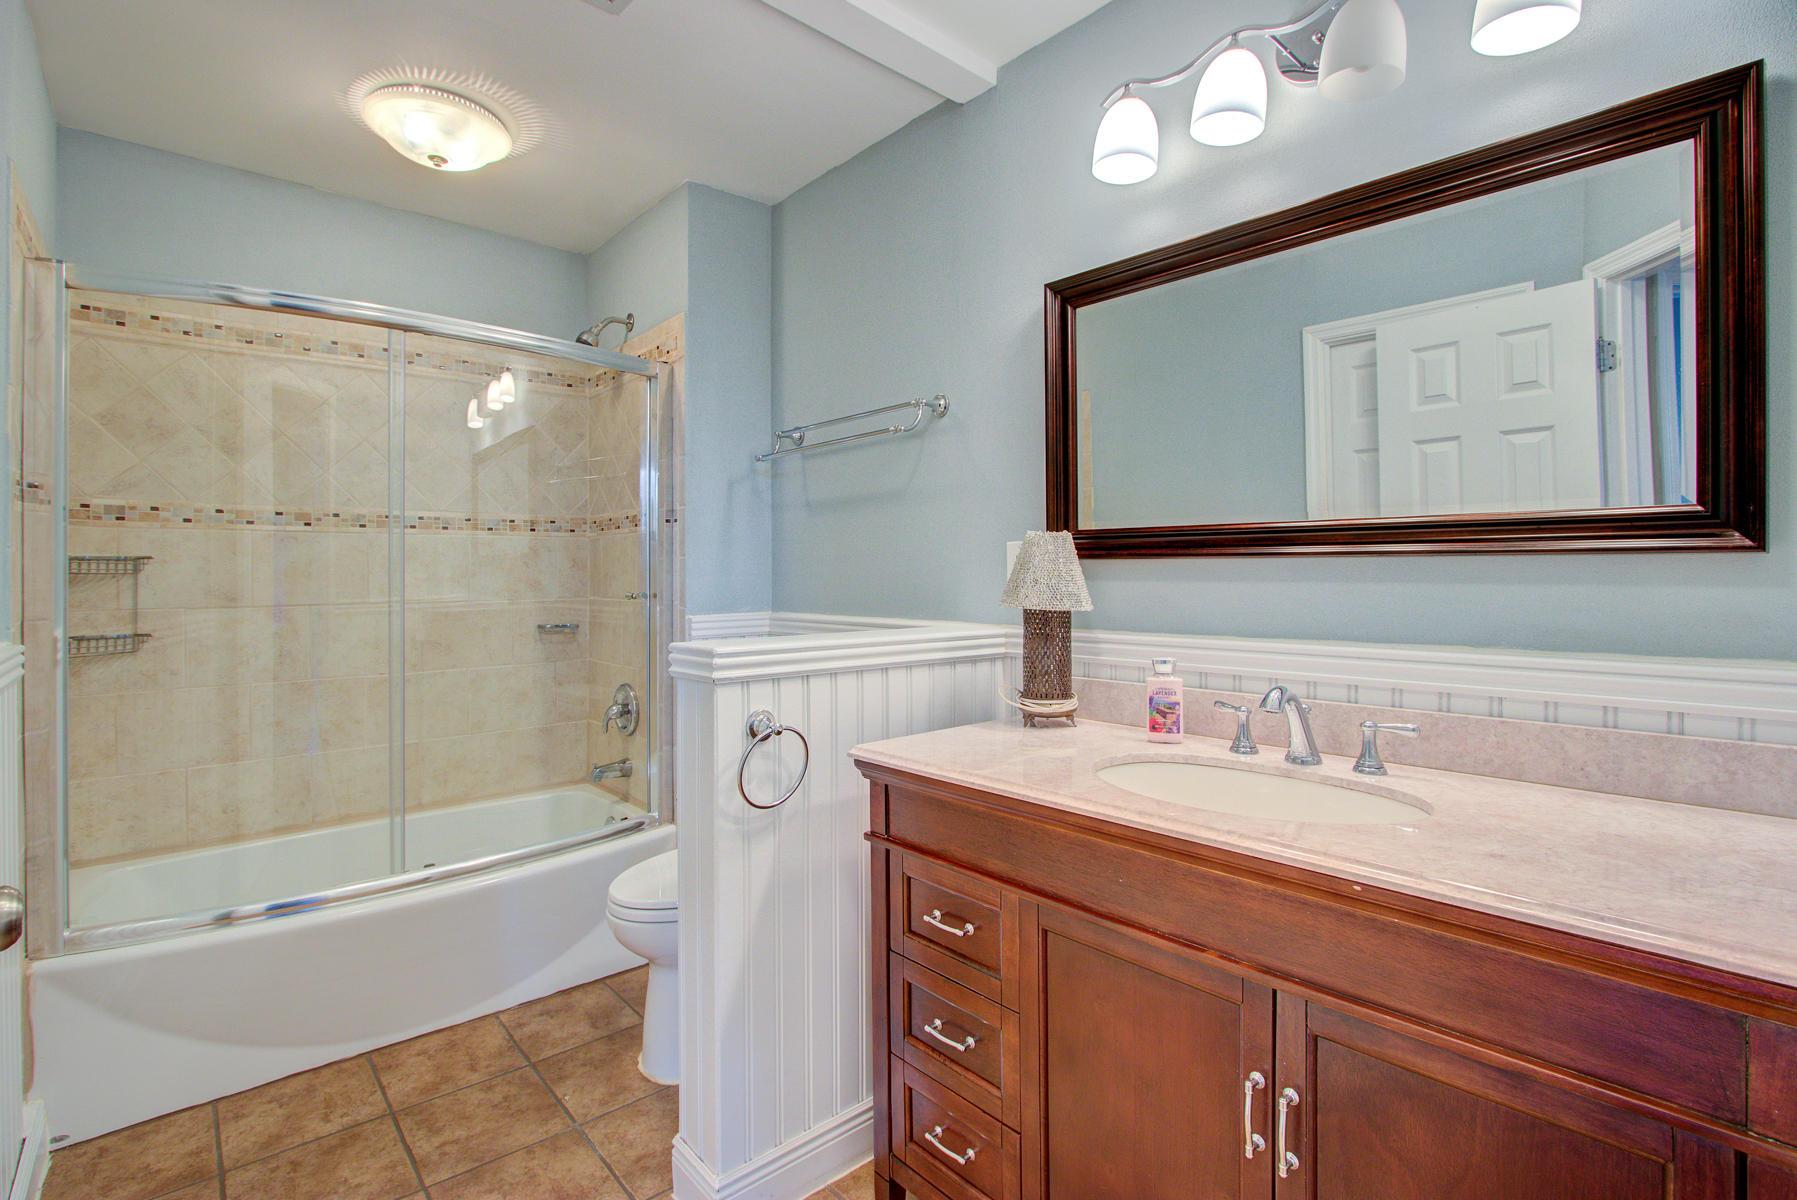 Dunes West Homes For Sale - 2104 Short Grass, Mount Pleasant, SC - 18